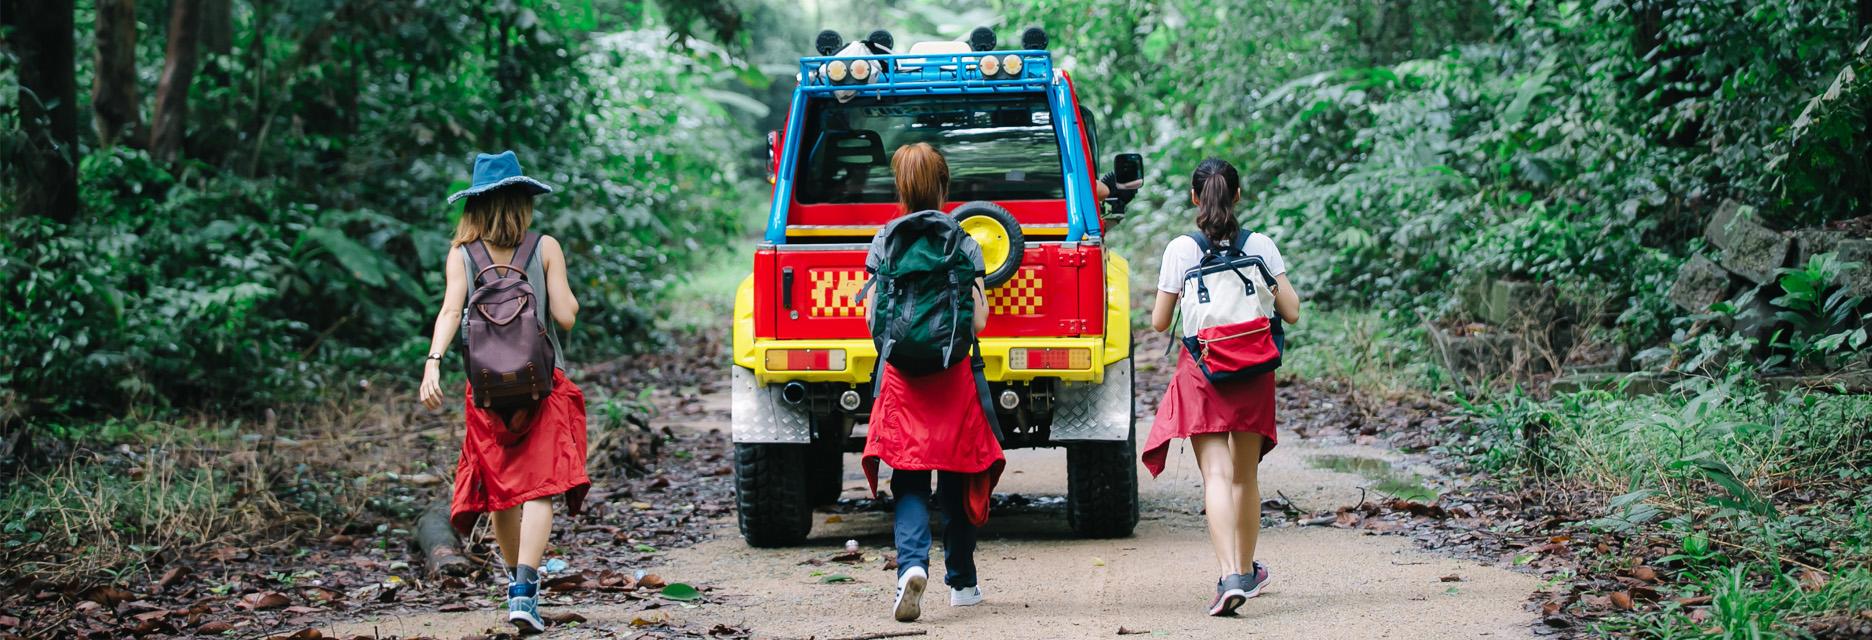 【蘇美島吉普車探險】納蒙瀑布、普拉伊拉加寺、泰式料理課